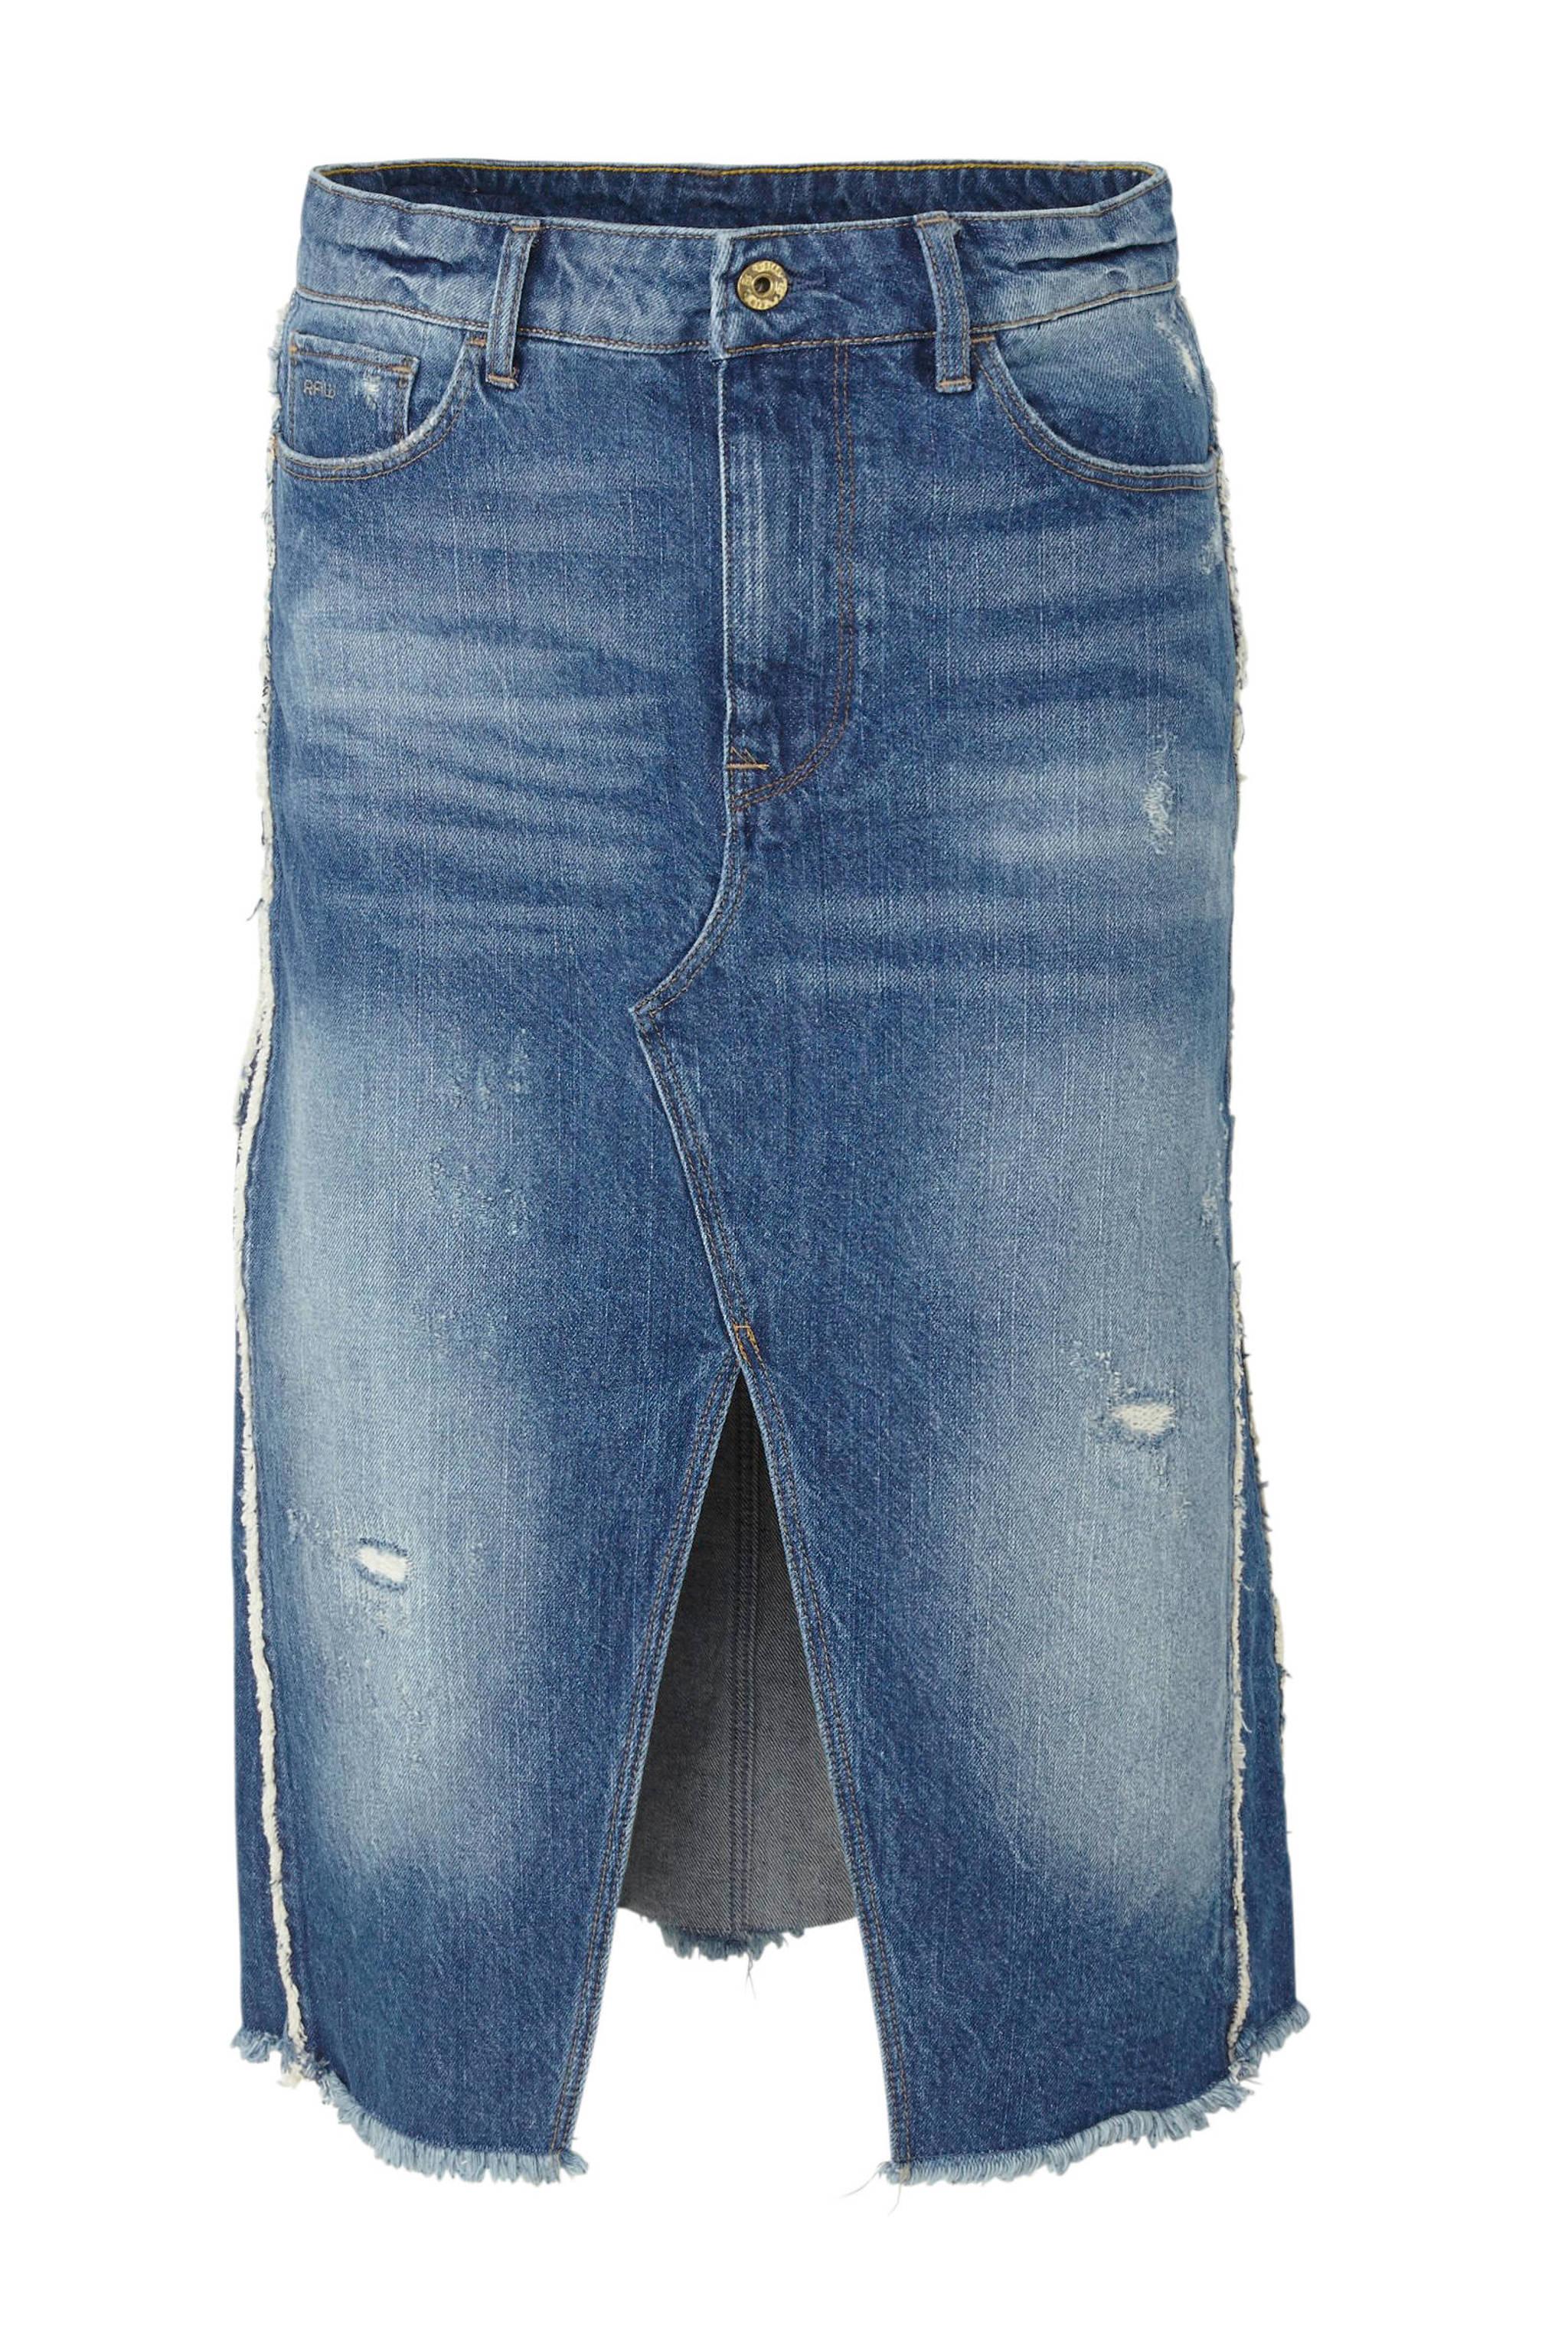 Fonkelnieuw G-Star RAW spijkerrok met slijtagedetails   wehkamp YY-86